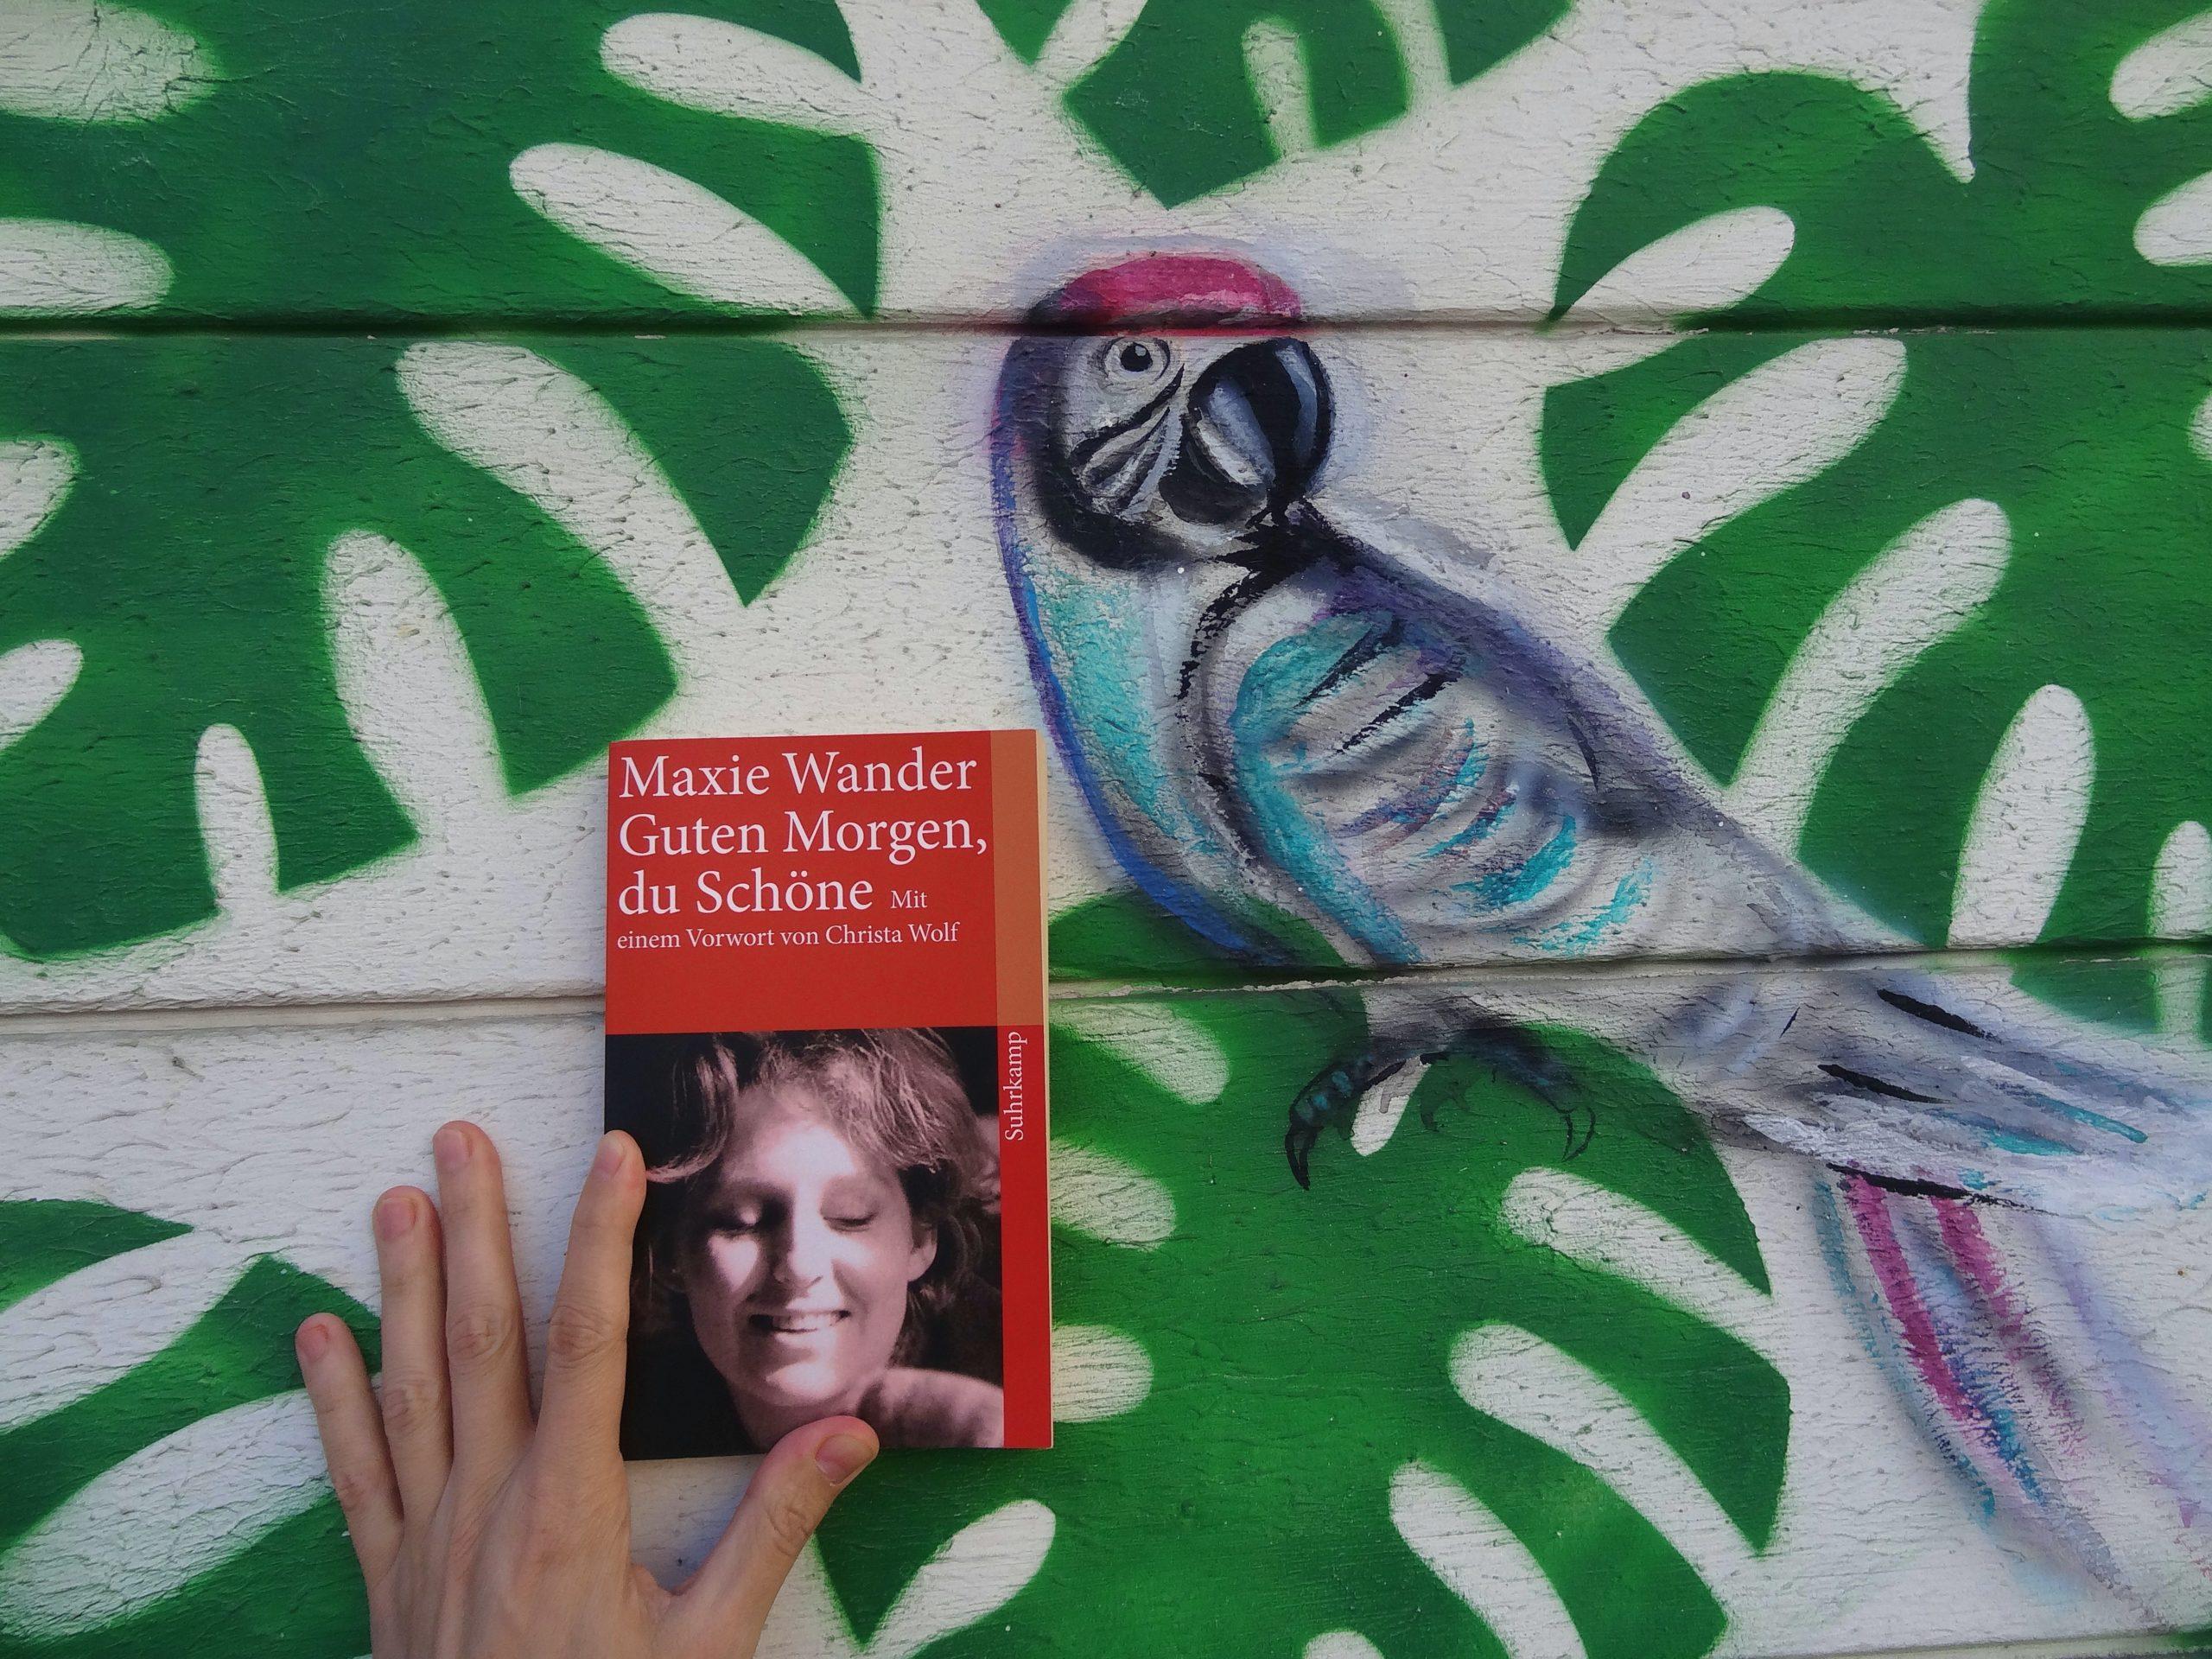 Tino Schlench - Literaturpalast - Maxie Wander - Guten Morgen, du Schöne